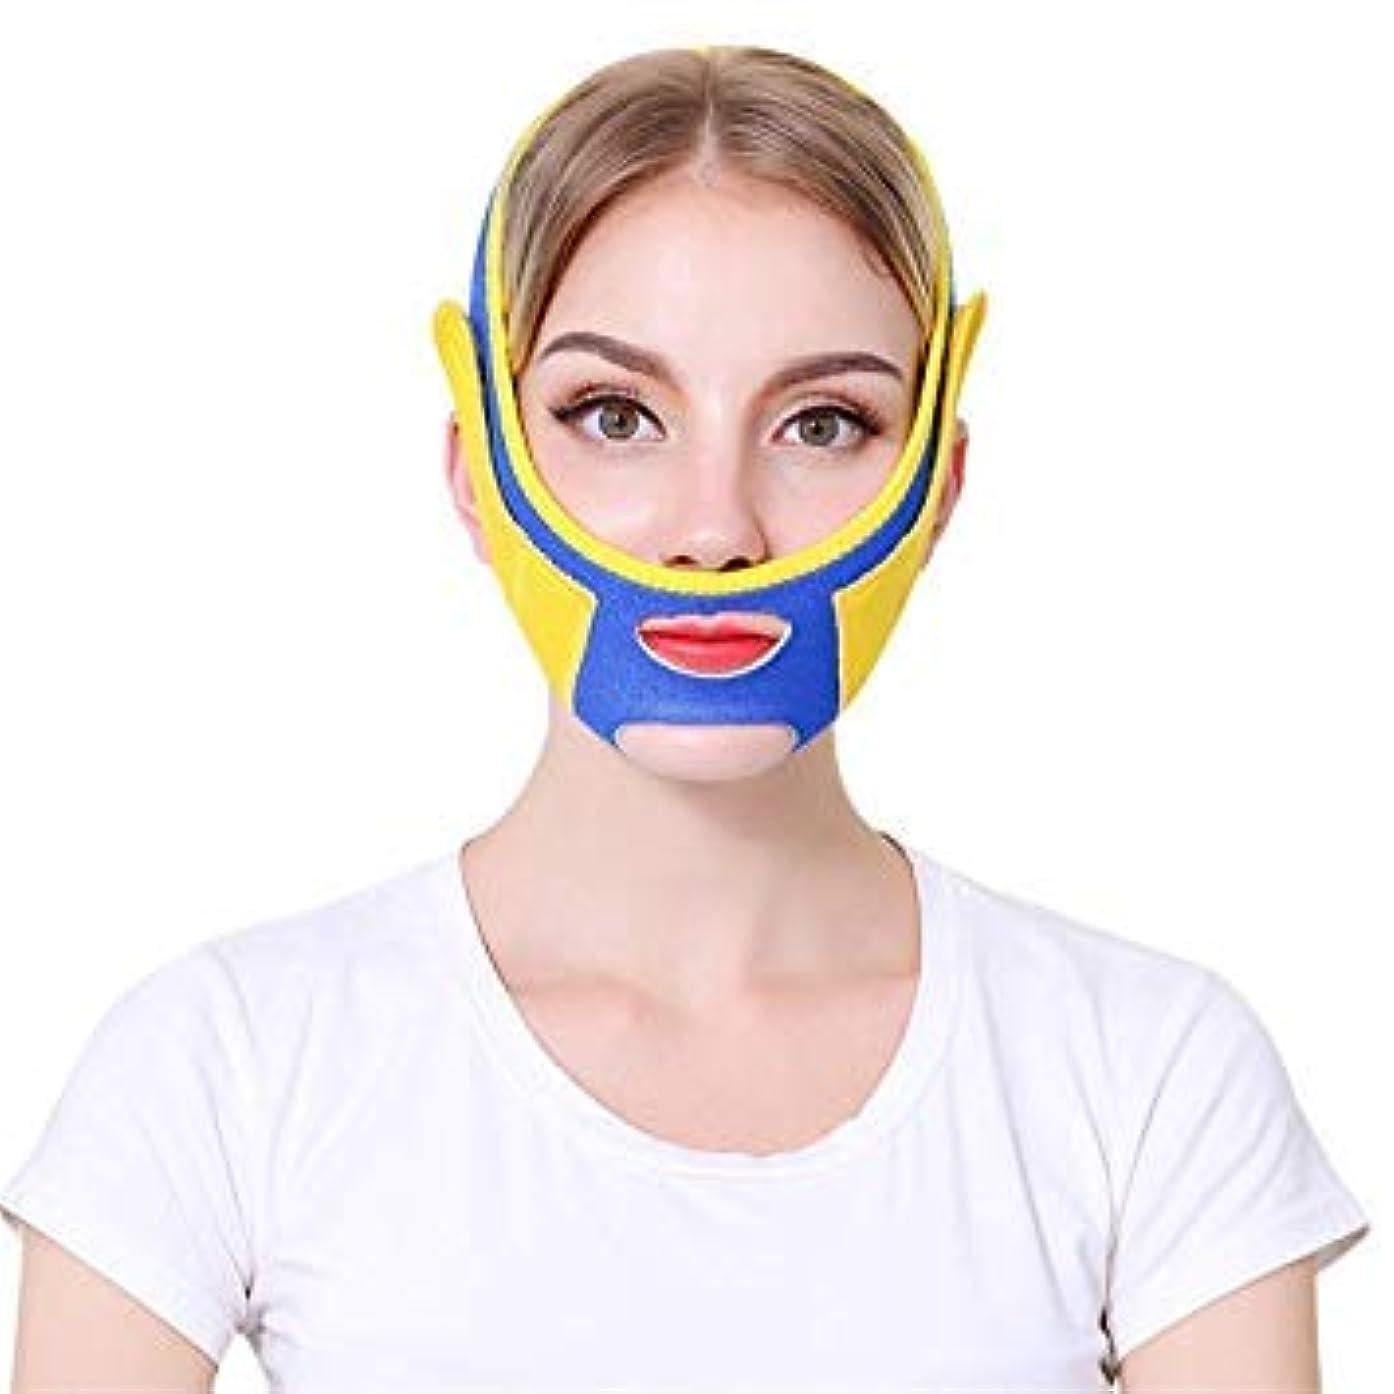 テレビ局床を掃除するレイアウト顔のリフティングスリムウエストバンド、頬のV字型リフティング薄型マスク、滑らかで通気性のあるコンプレッションダブルあご付きで包帯を減らし、フェイスリフト/スリミング/スリープフェイス/マスクで体重を減らします (blue)